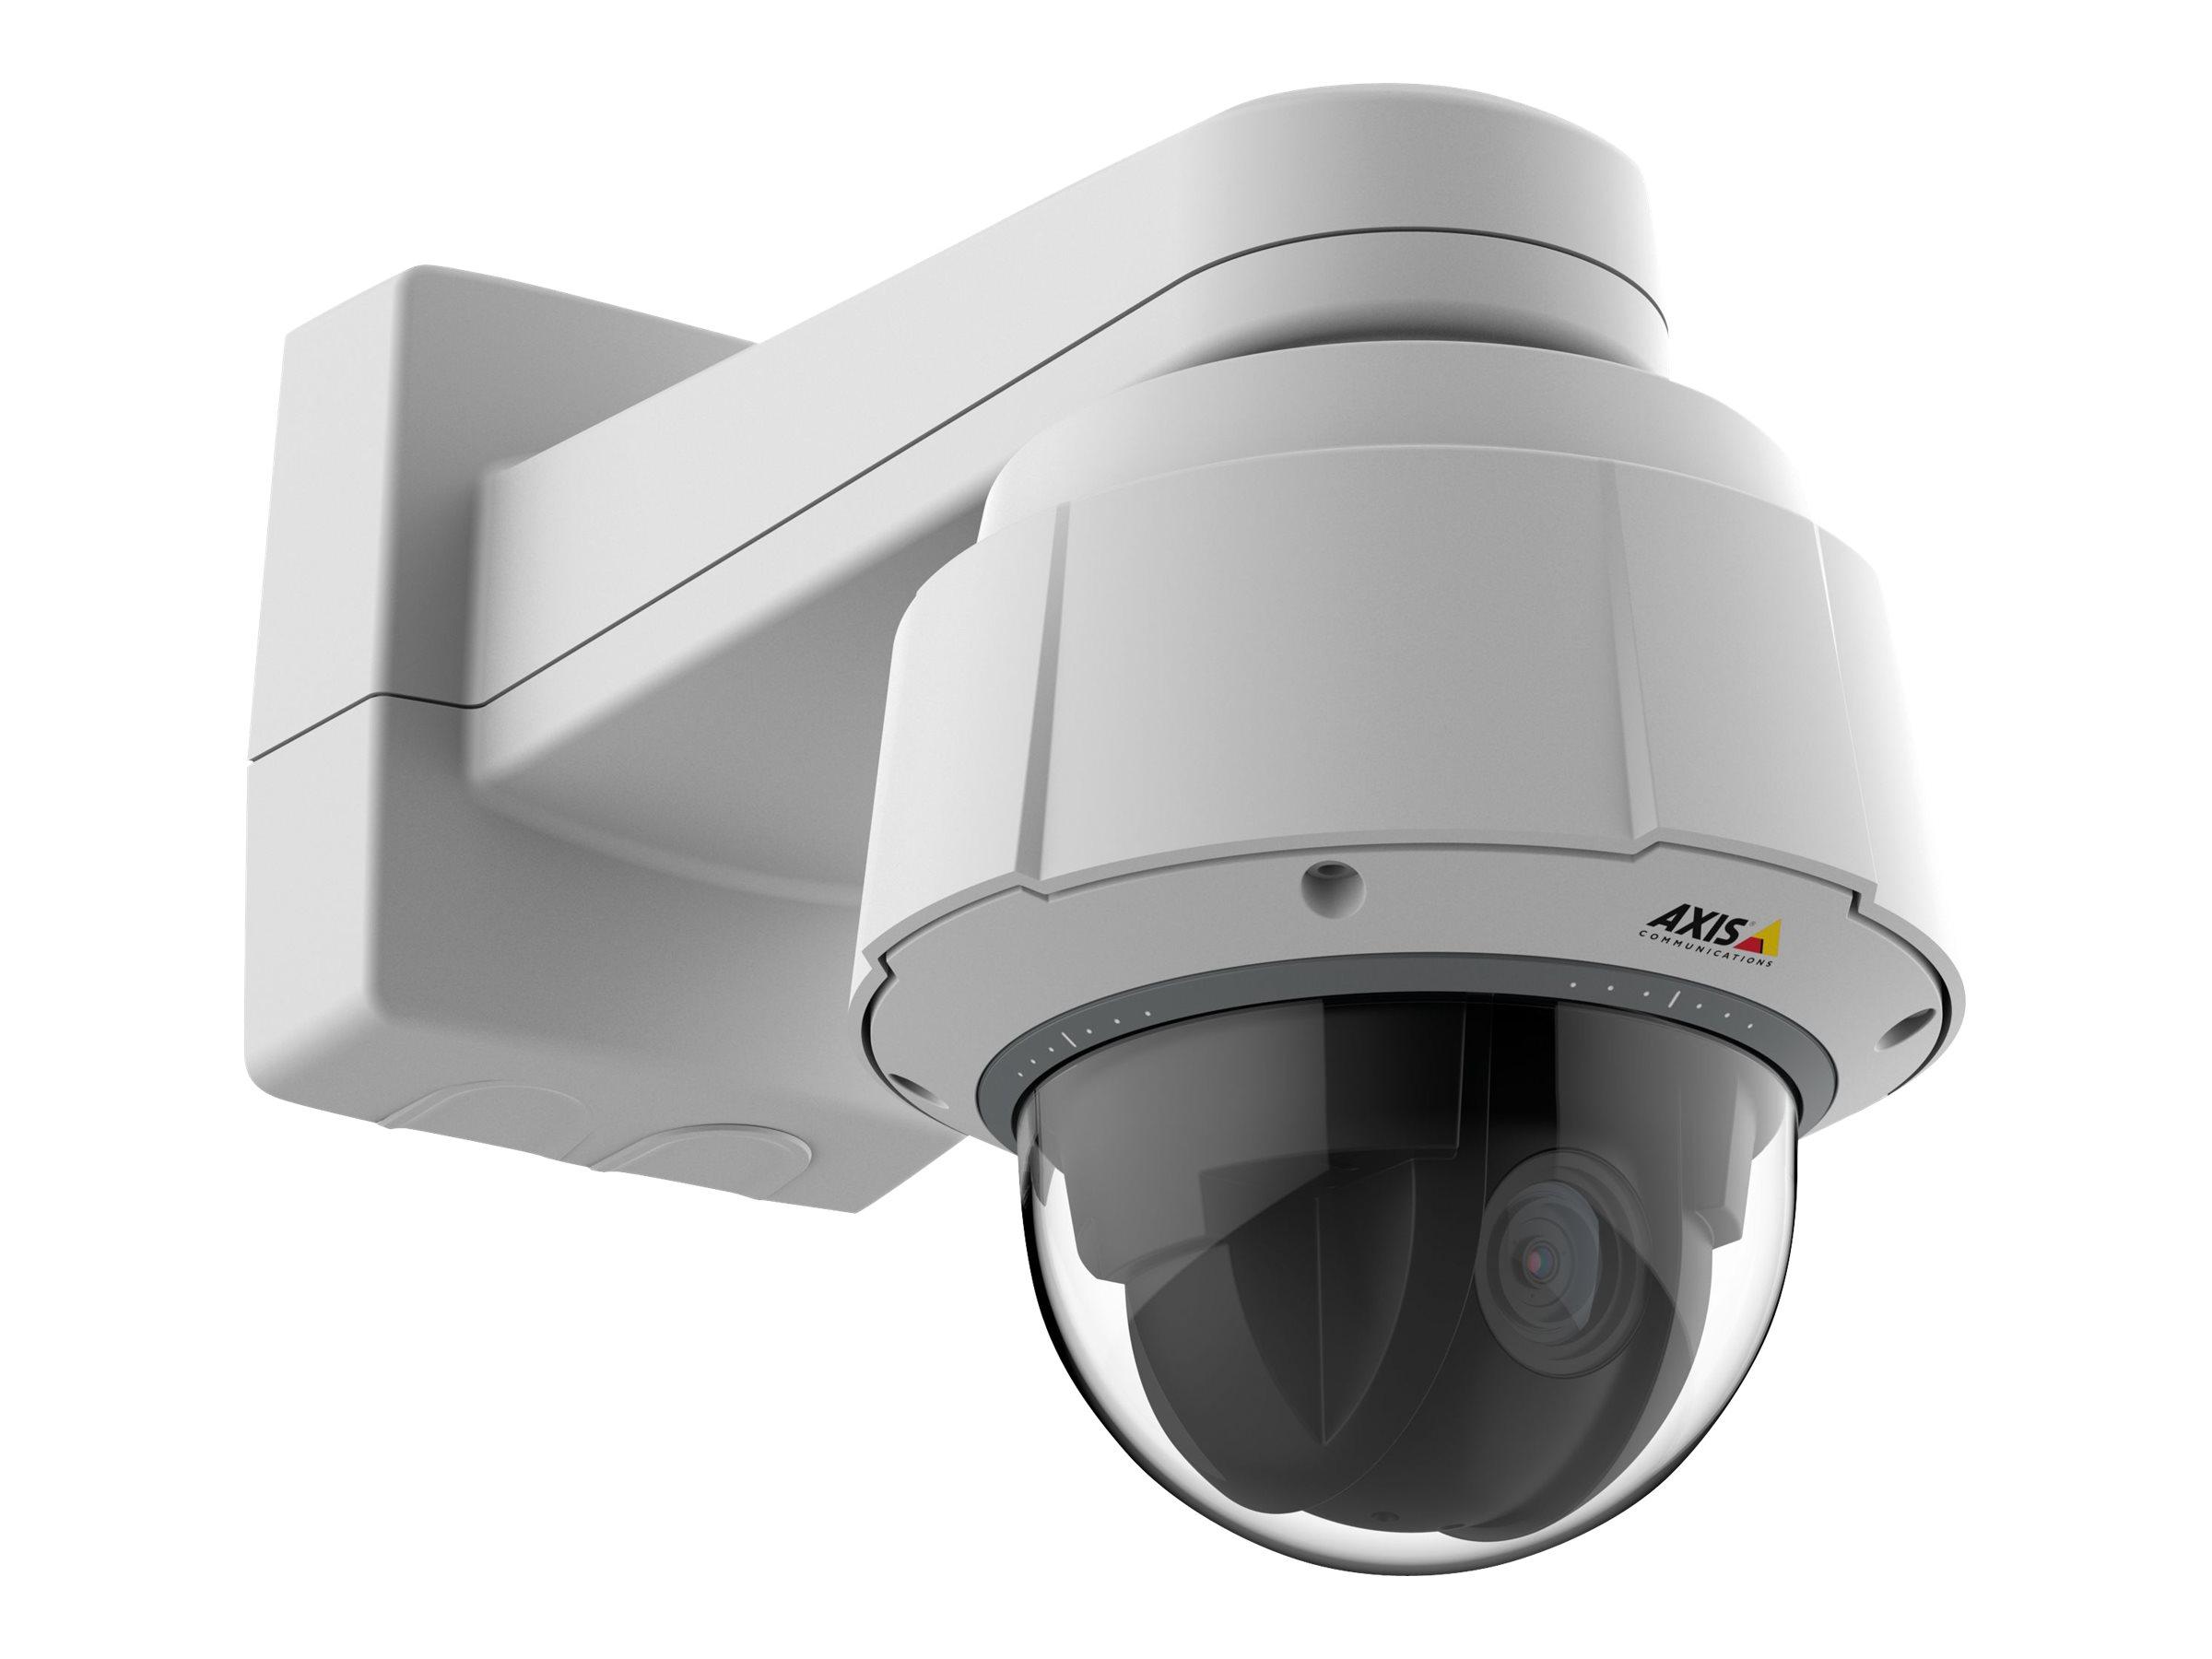 AXIS Q6054 Mk III PTZ Network Camera 50 Hz - Netzwerk-Überwachungskamera - PTZ - Innenbereich - staub-/wasserdicht - Farbe (Tag&